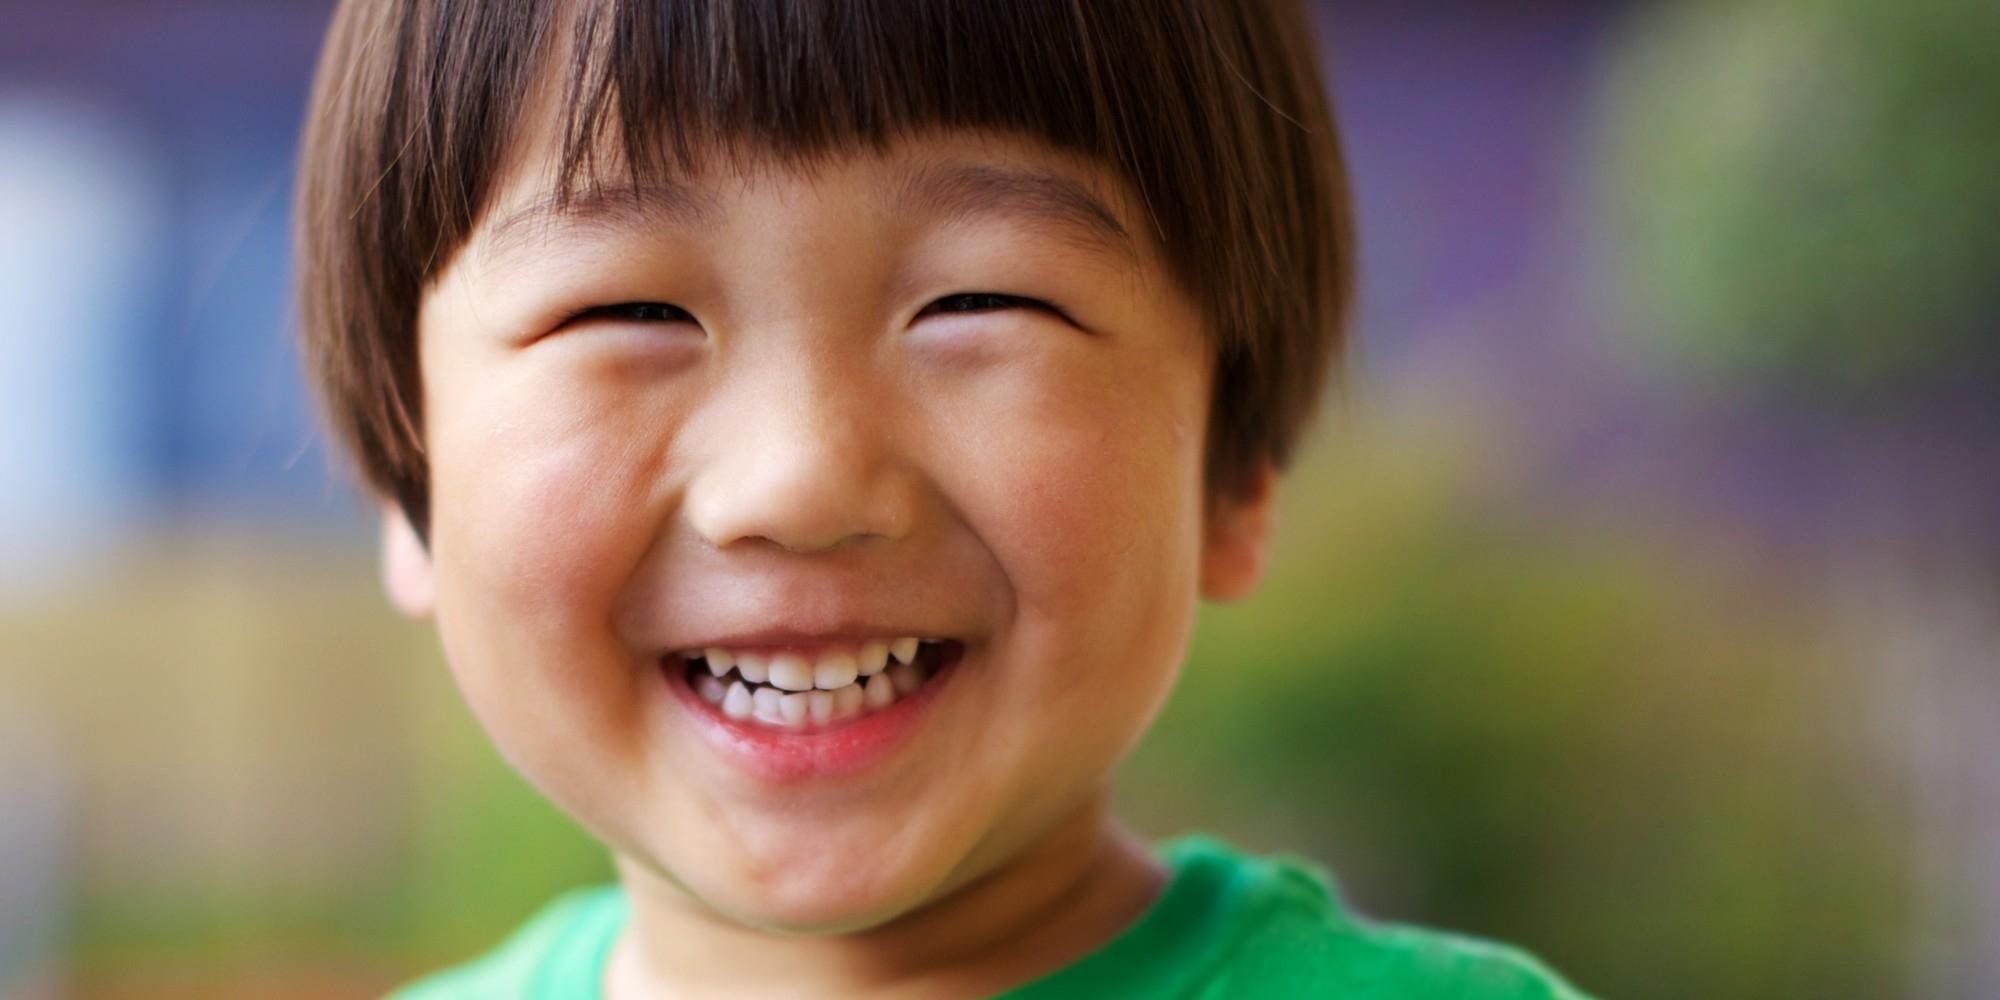 Làm thế nào để nuôi dạy những đứa trẻ hạnh phúc? | Việt Nam Mới